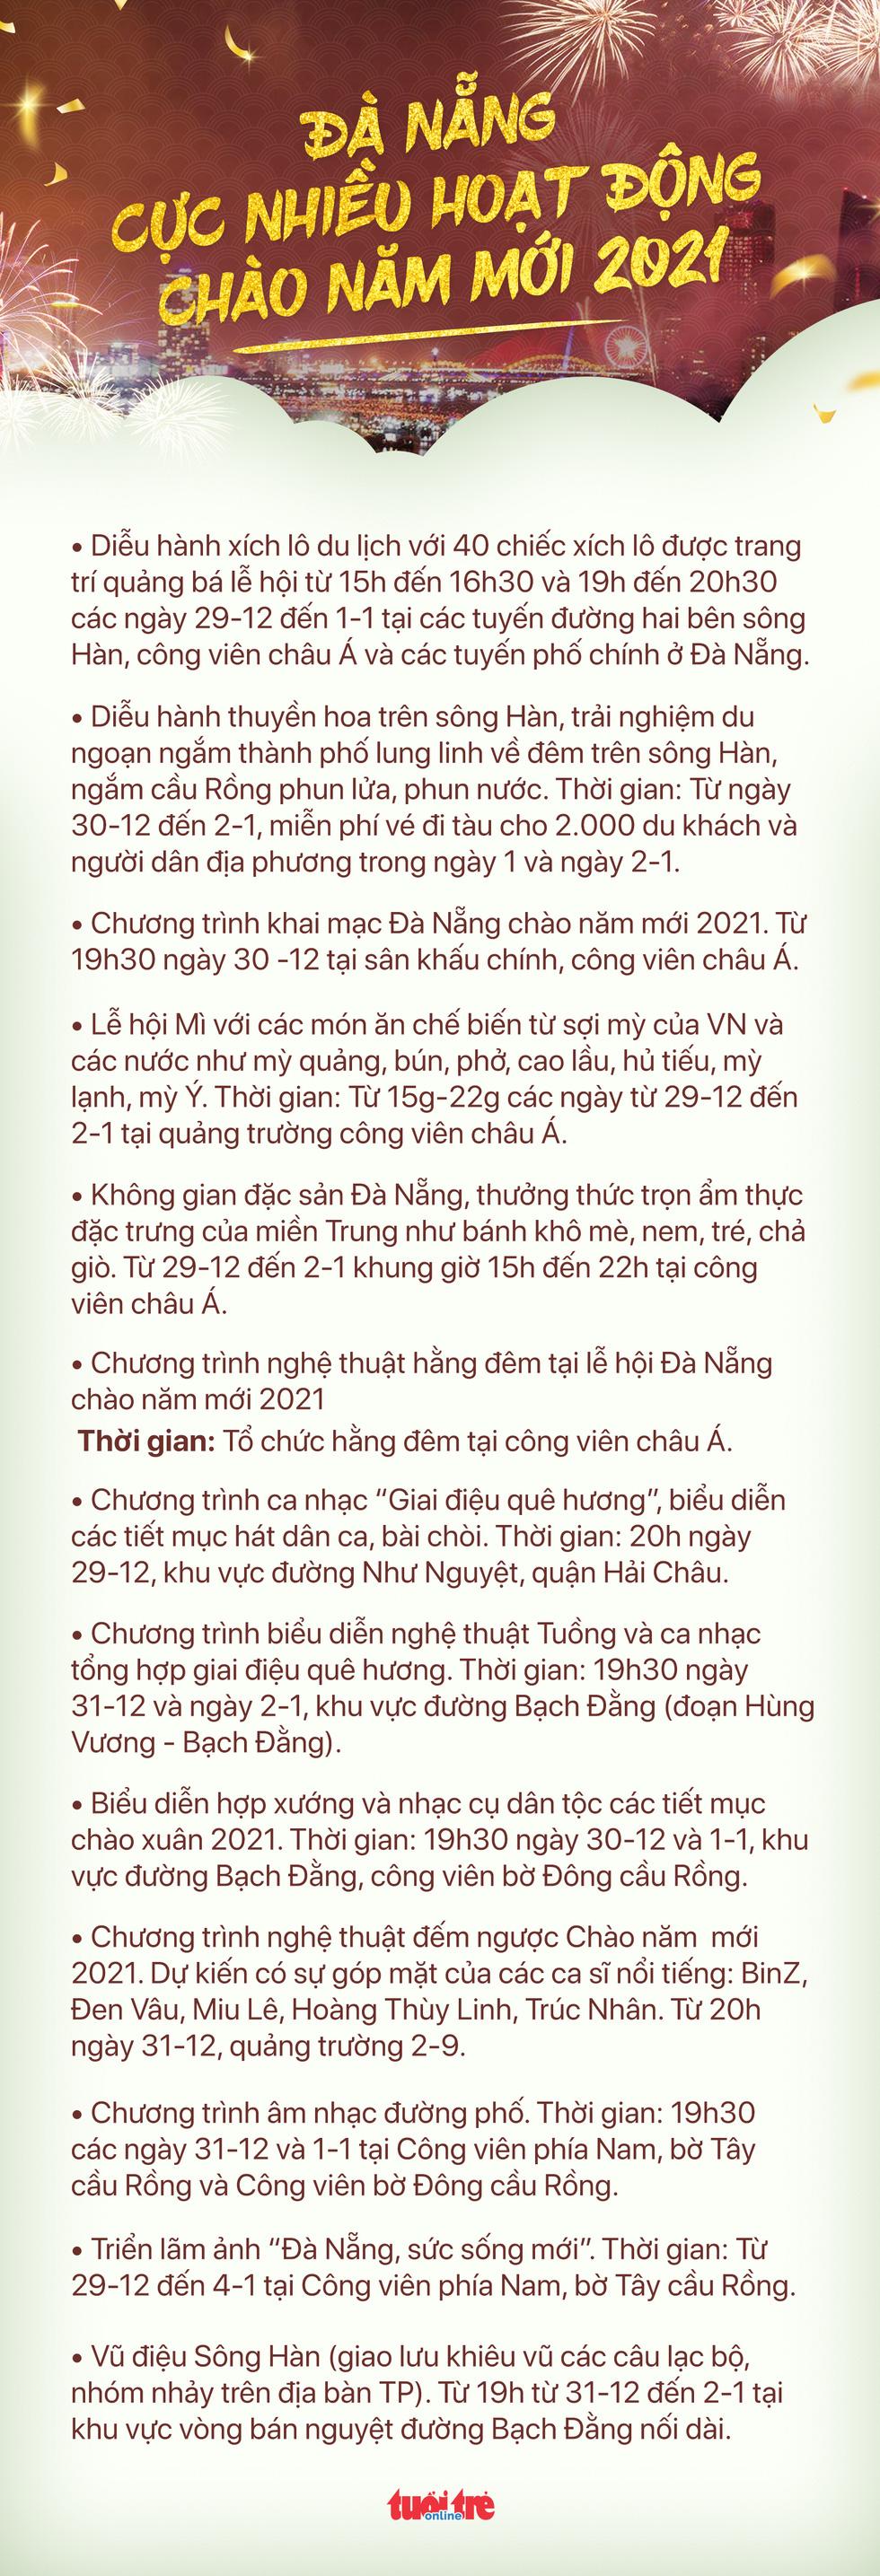 Đón giao thừa Tết dương lịch 2021 ở đâu giữa Hà Nội, Đà Nẵng và TP.HCM - Ảnh 3.